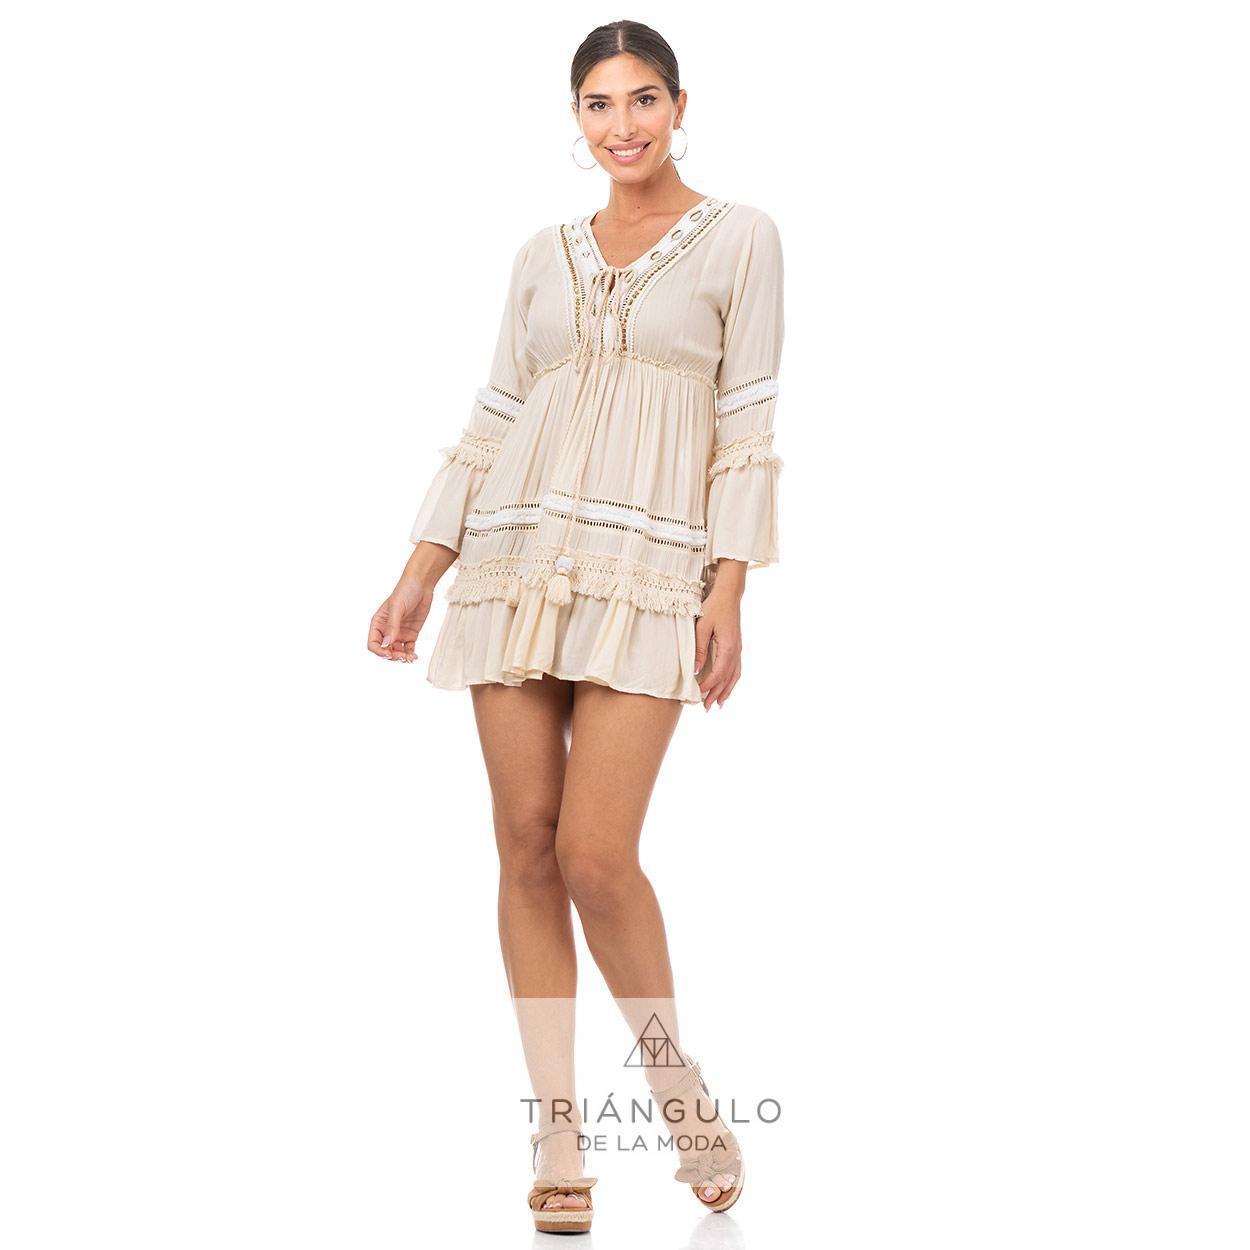 Tienda online del Triangulo de la Moda CASACA BOHO CHIC C/CONHCAS Y LENTEJUELAS